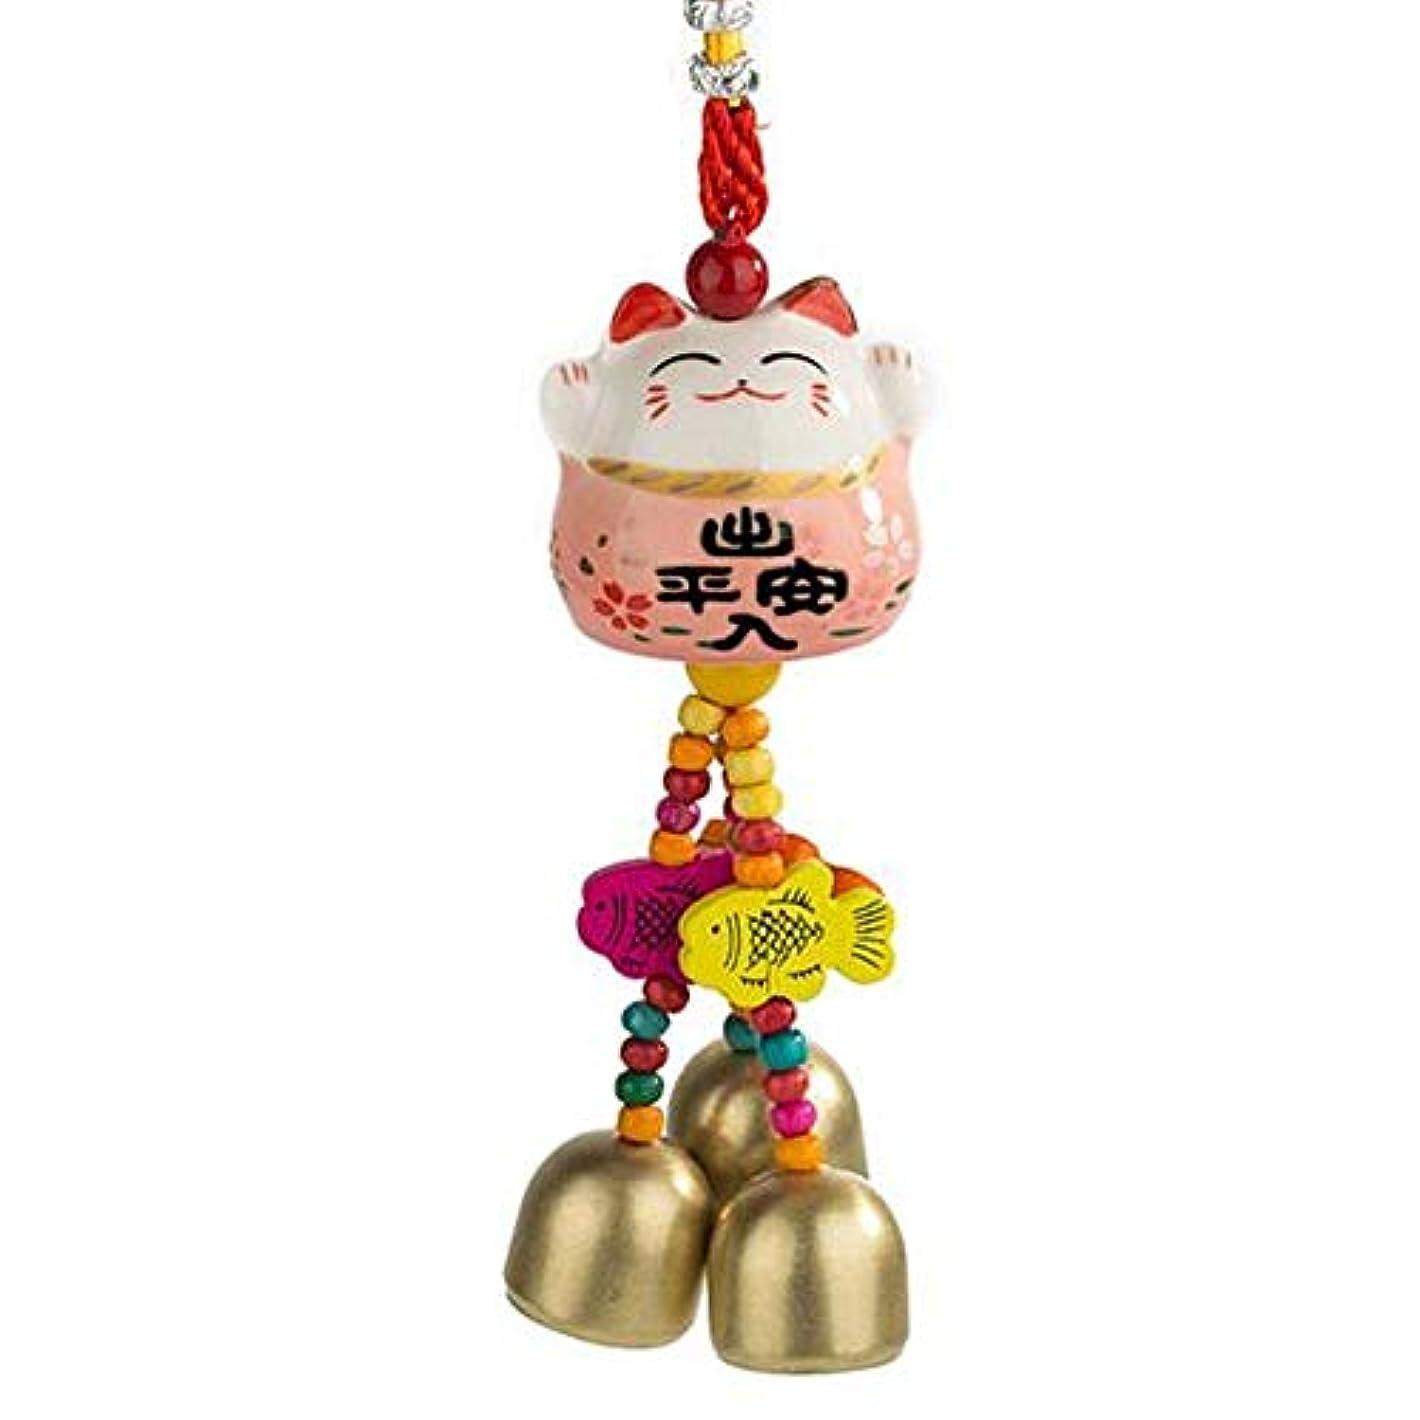 四面体インフラ調停者Fengshangshanghang 風チャイム、かわいいクリエイティブセラミック猫風の鐘、ブルー、ロング28センチメートル,家の装飾 (Color : Pink)